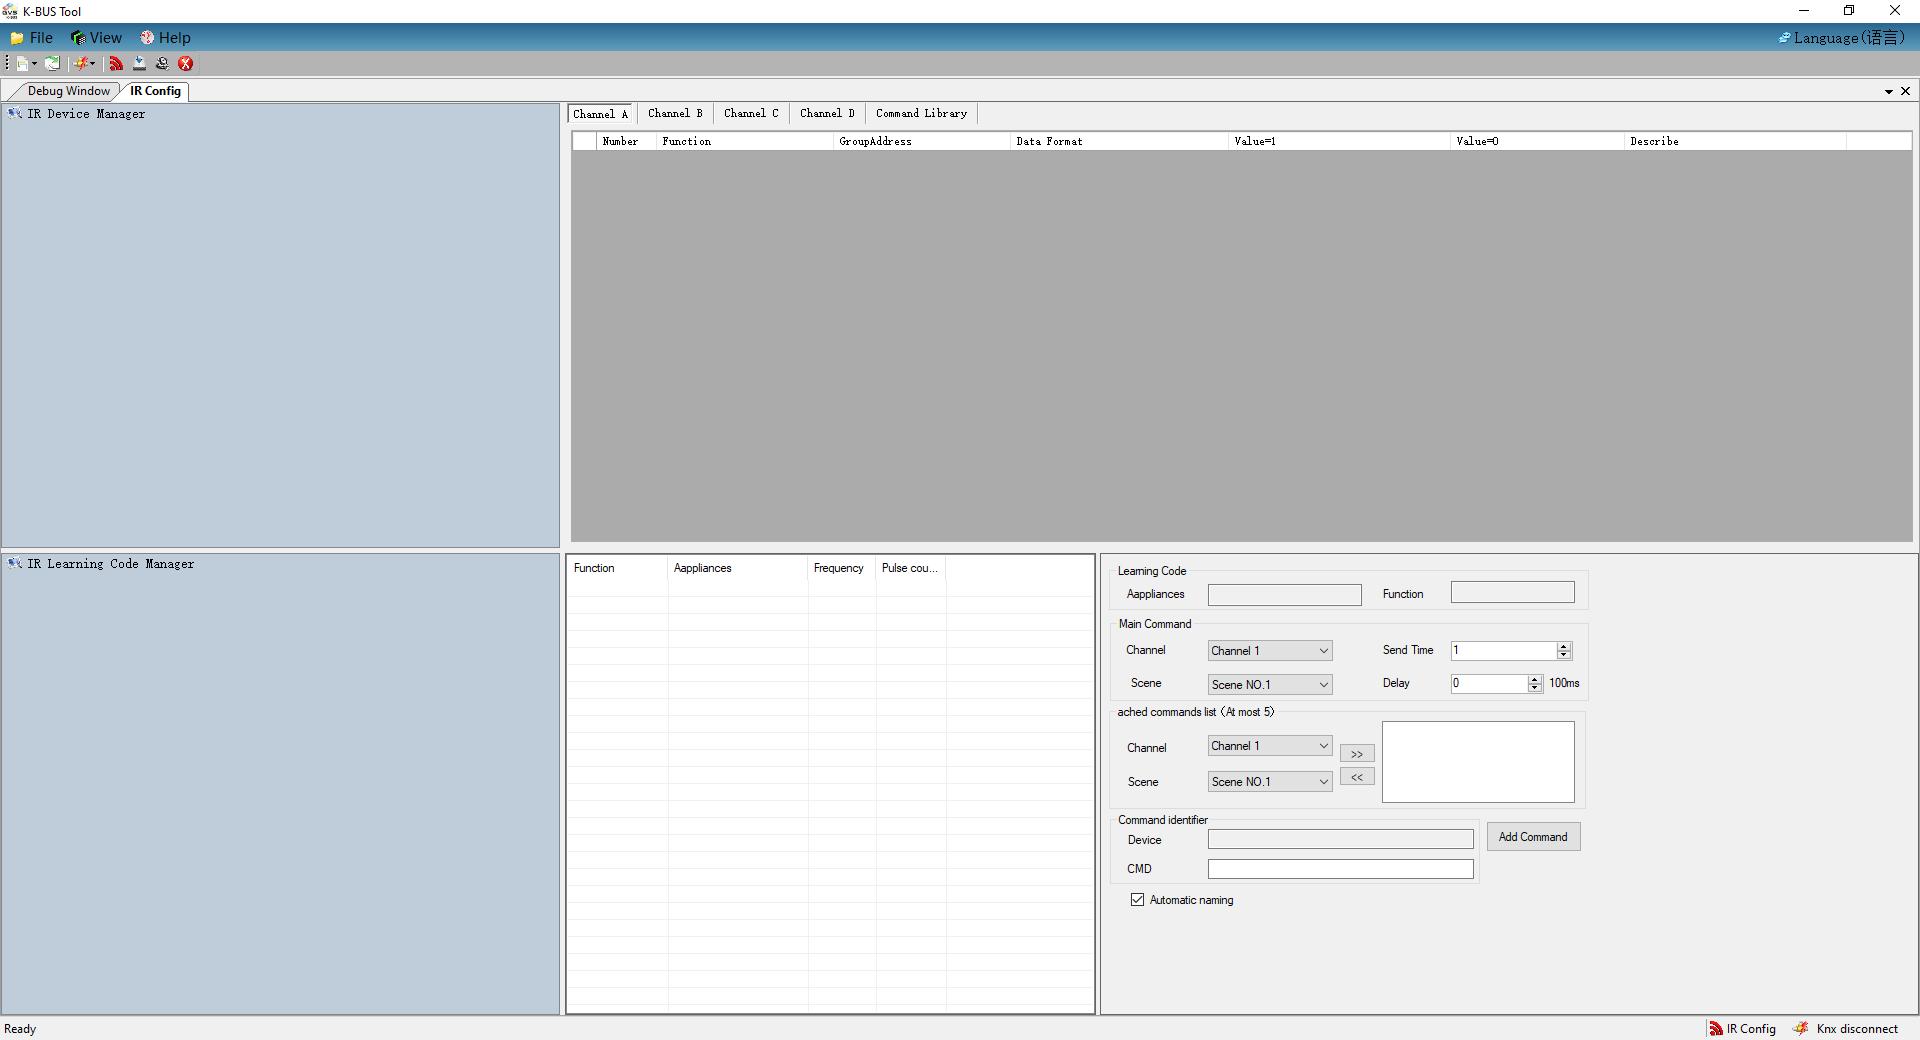 K-BUS Tool - Softwareoberfläche für den KNX Transmitter und KNX Learner